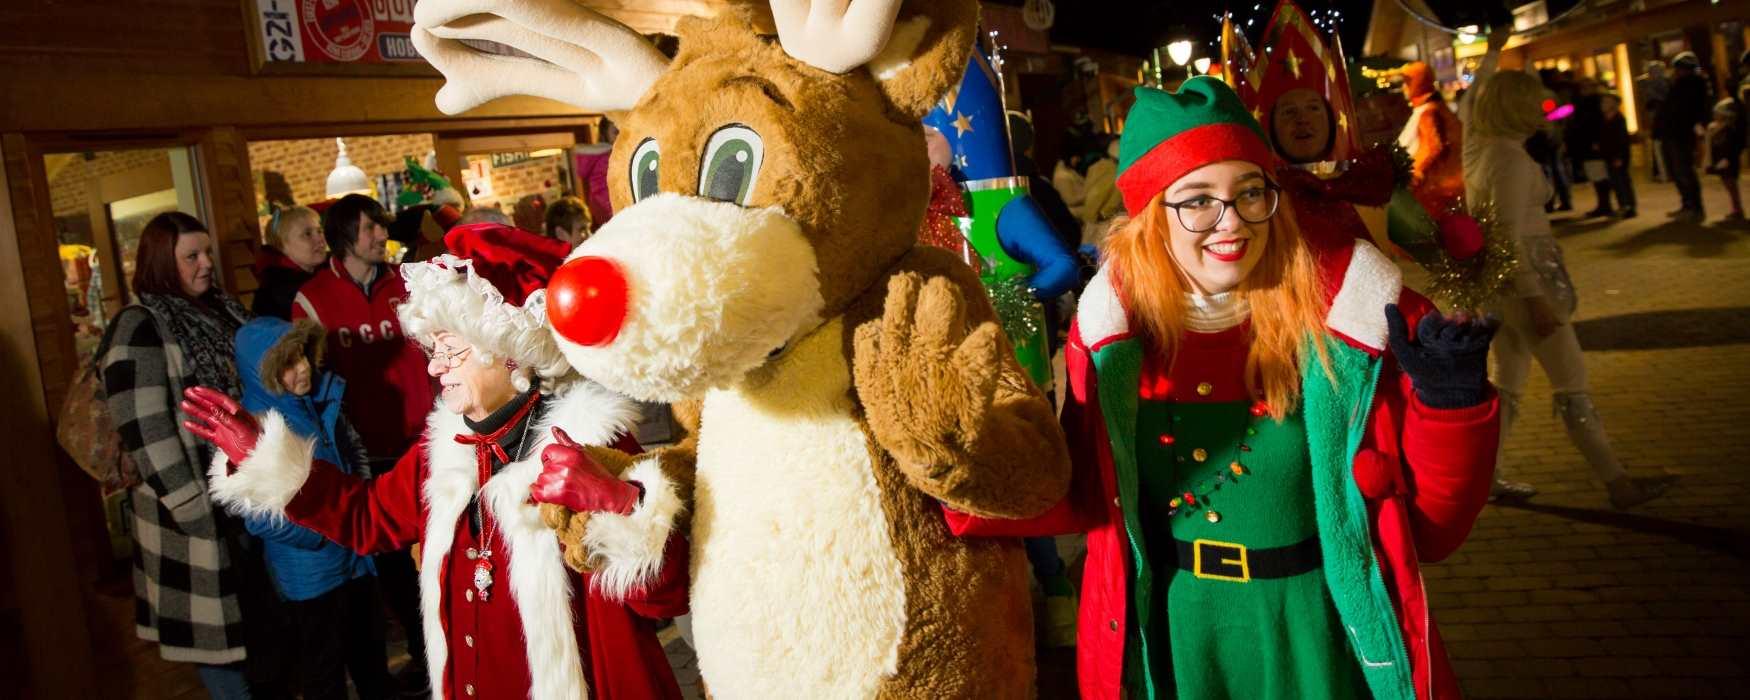 Christmas in Stoke-on-Trent